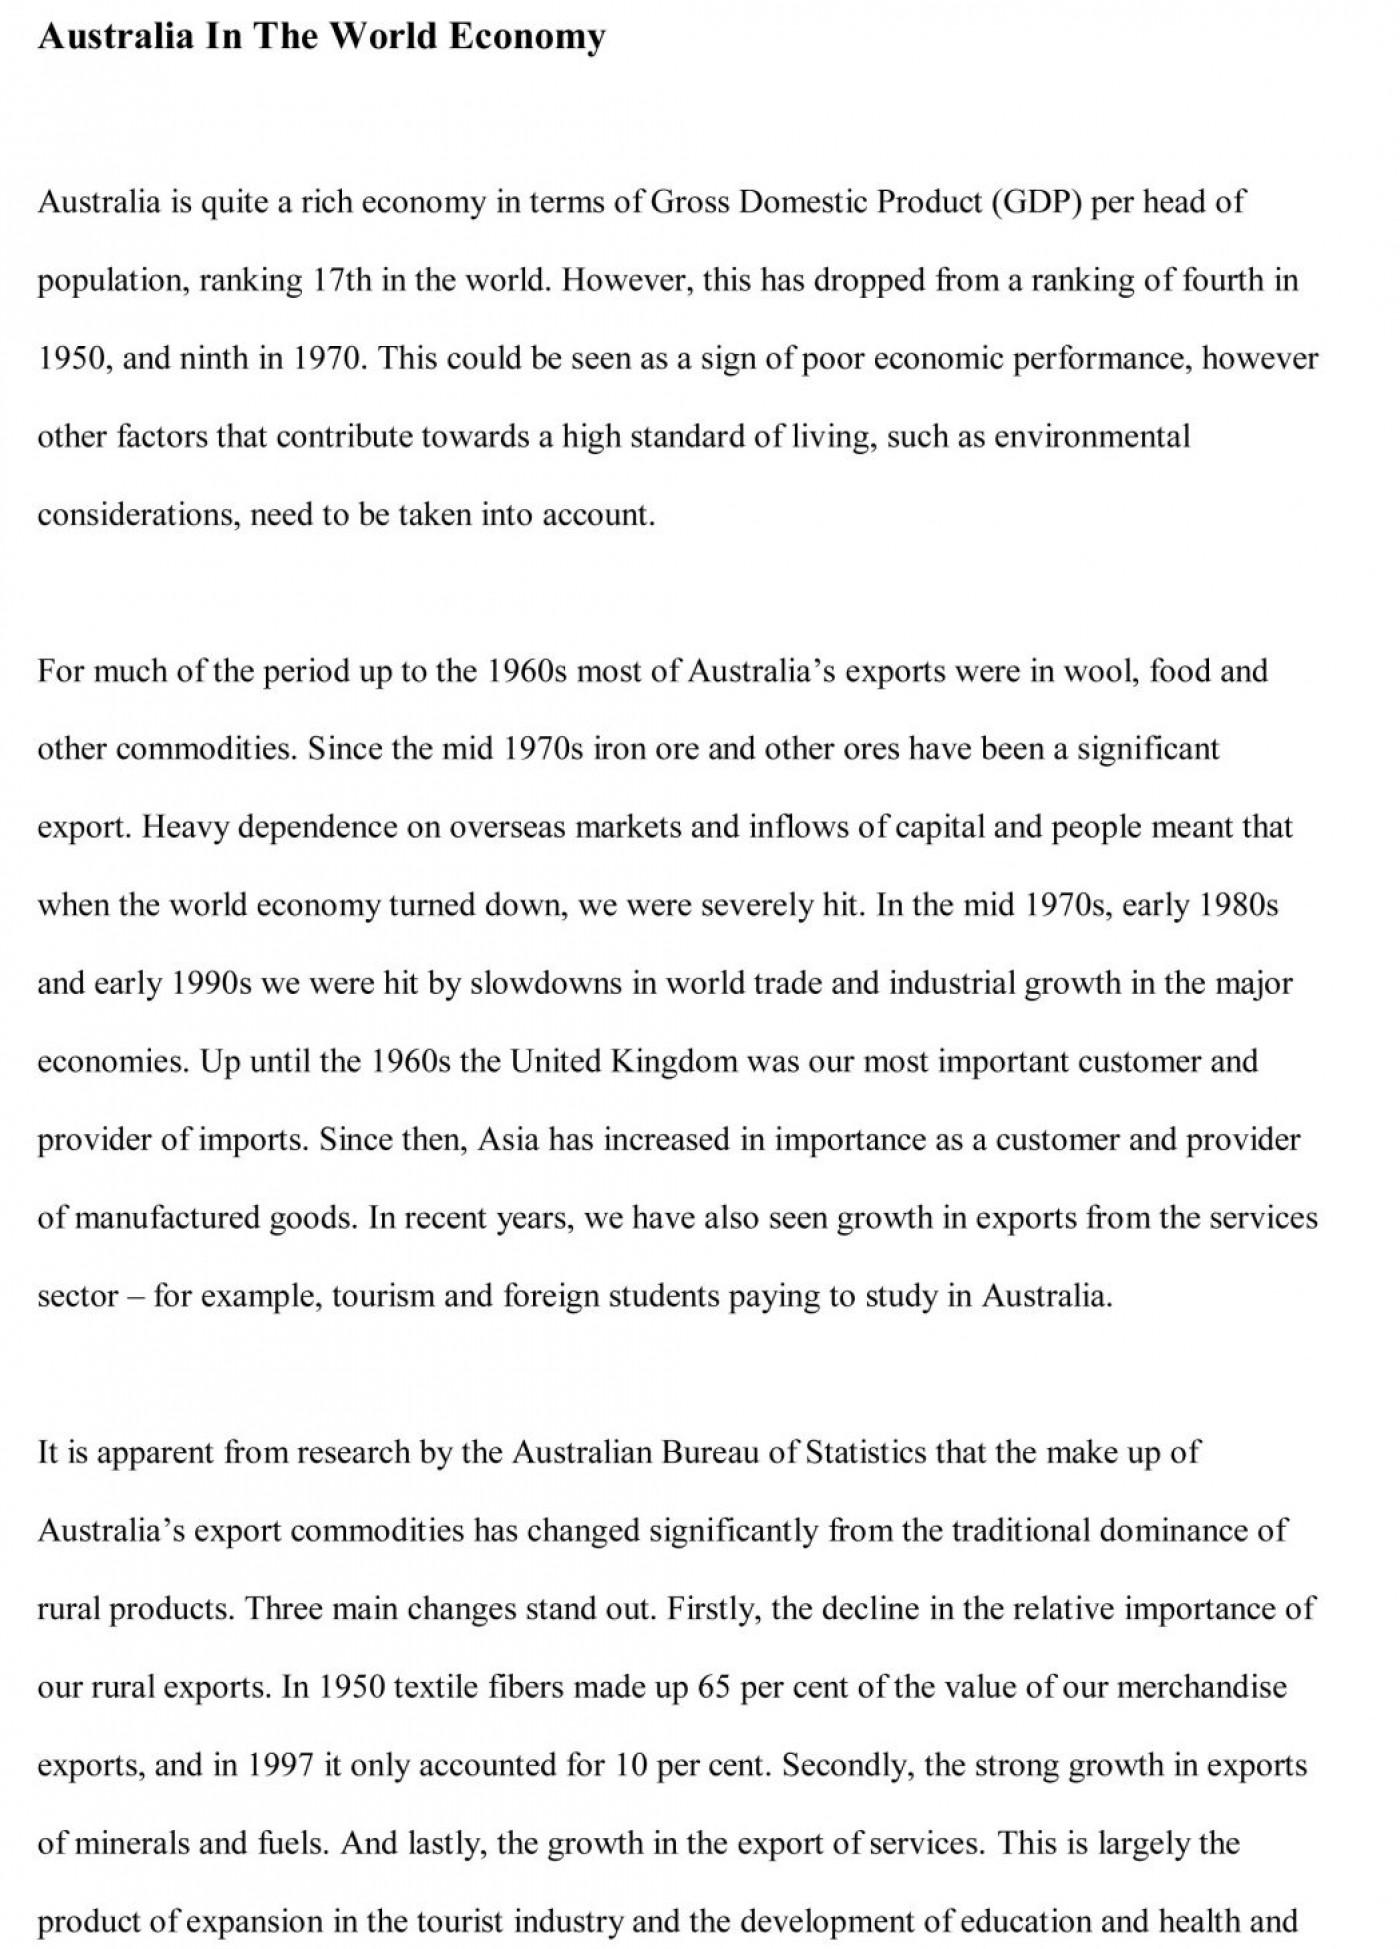 004 Ethnographic Essay Example Economic Sample How To Write An Economics 1048x1459 Unique Examples Micro Ethnography 1400